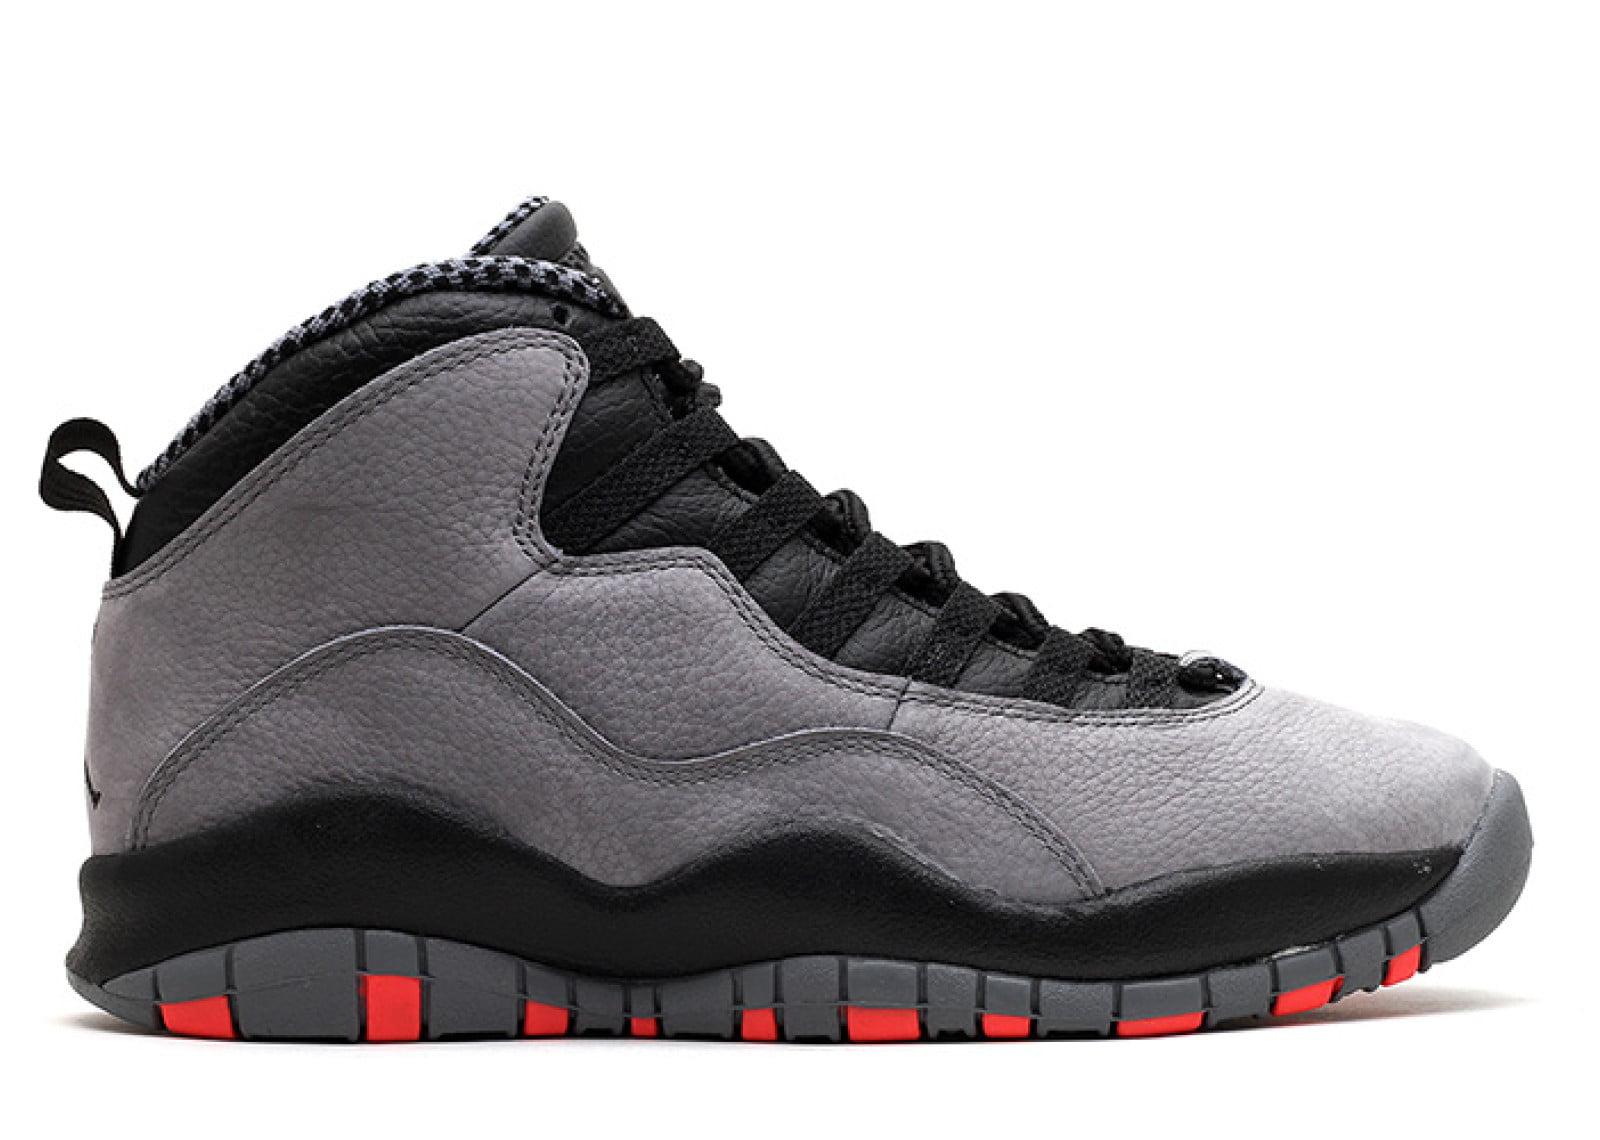 402f9db84e4d4a Air Jordan - Men - Air Jordan Retro 10  Cool Grey  - 310805-023 - Size 10.5